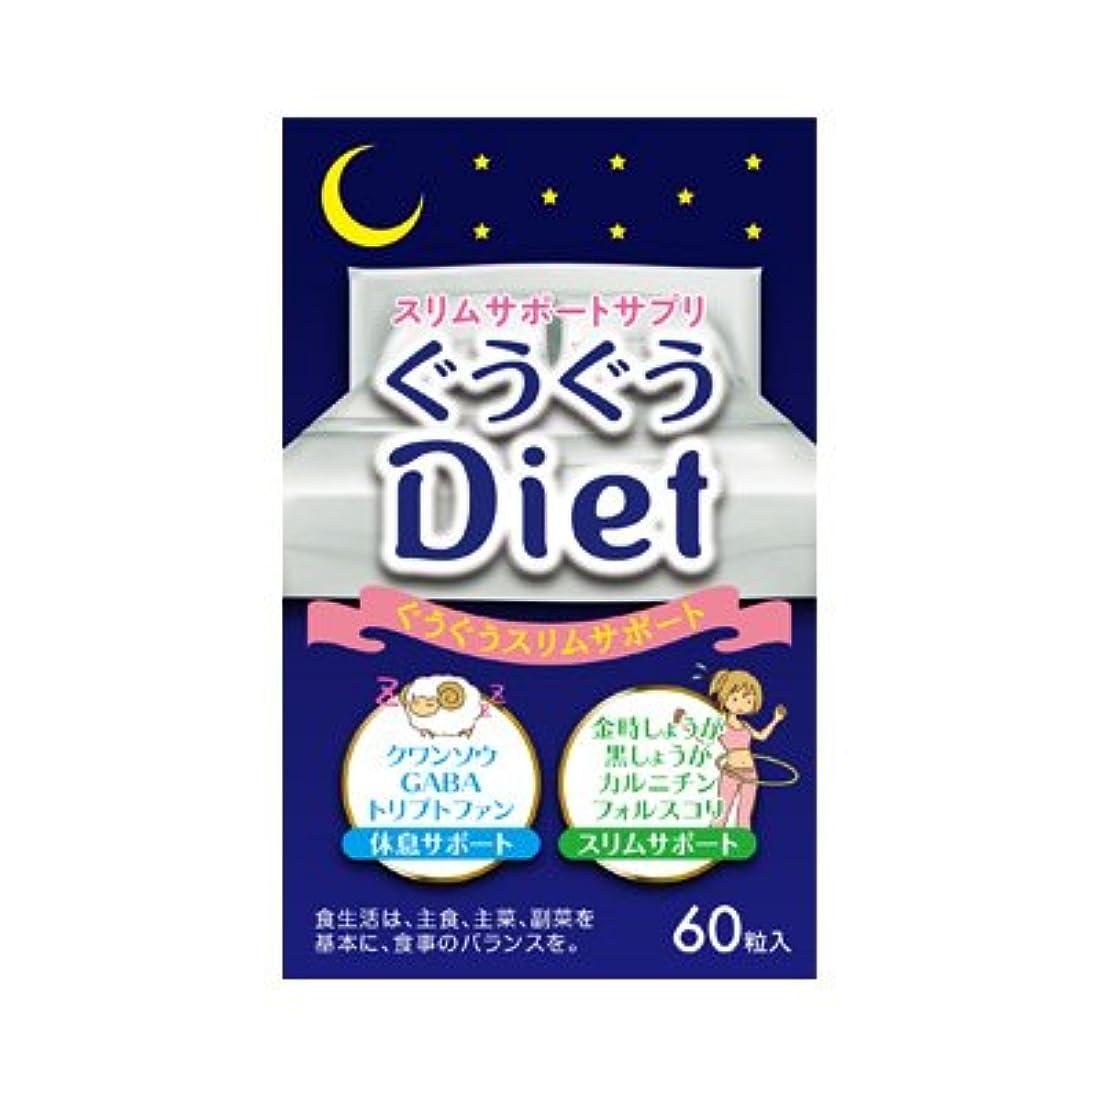 すり減る柔らかい集中的なぐうぐうdiet 60粒 ぐうぐうダイエット【グウグウダイエット】